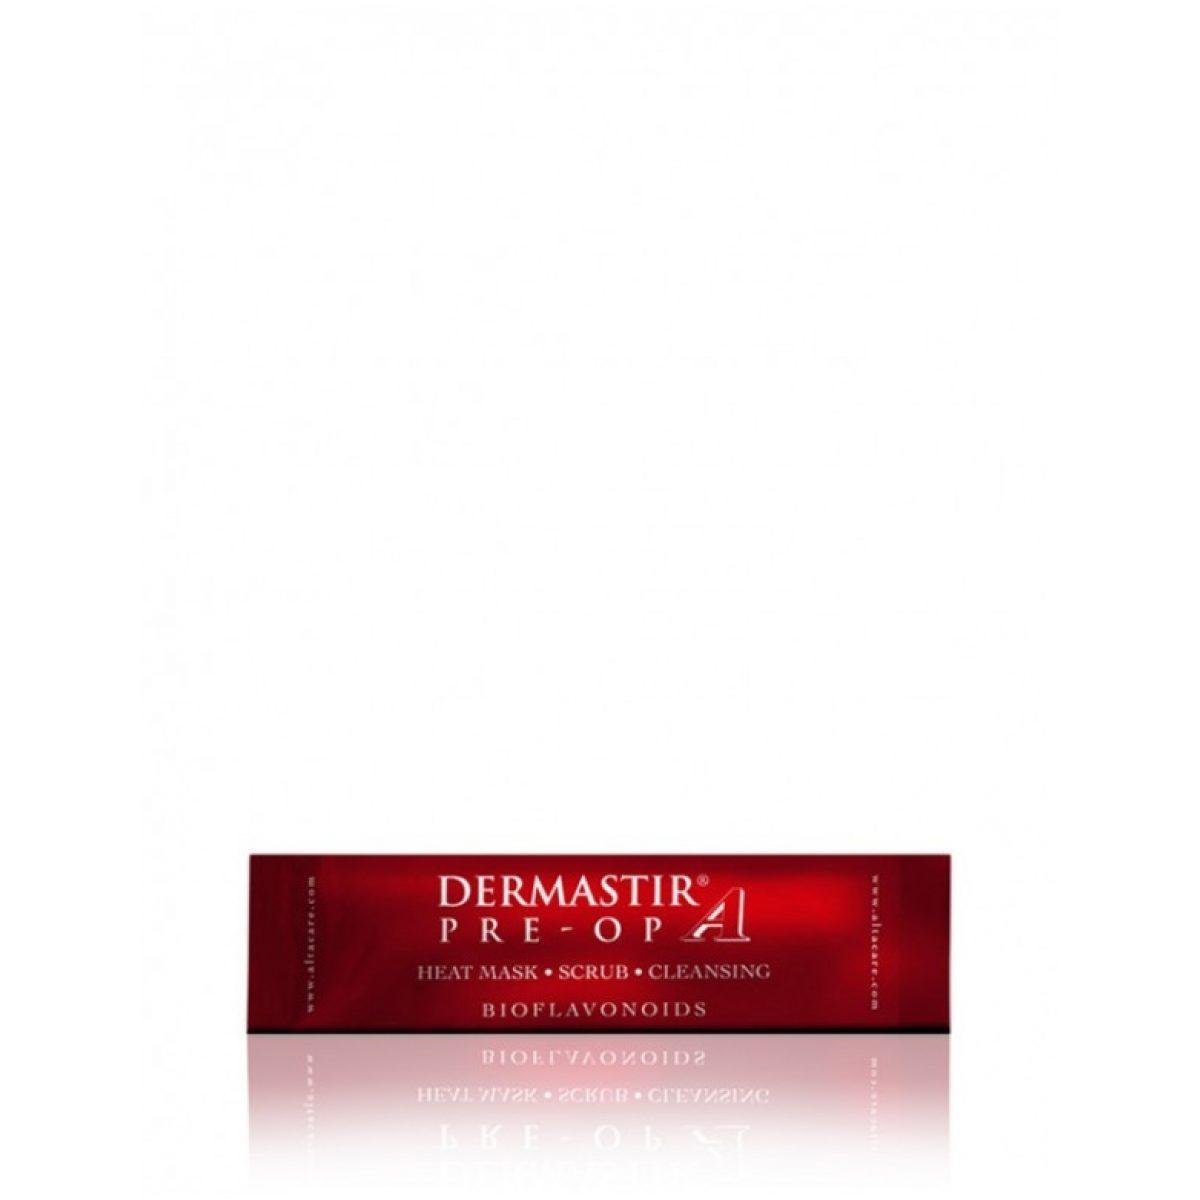 Dermastir Pre - Op masca exfolianta termoactiva pentru curatarea porilor si redarea luminozitatii tenului